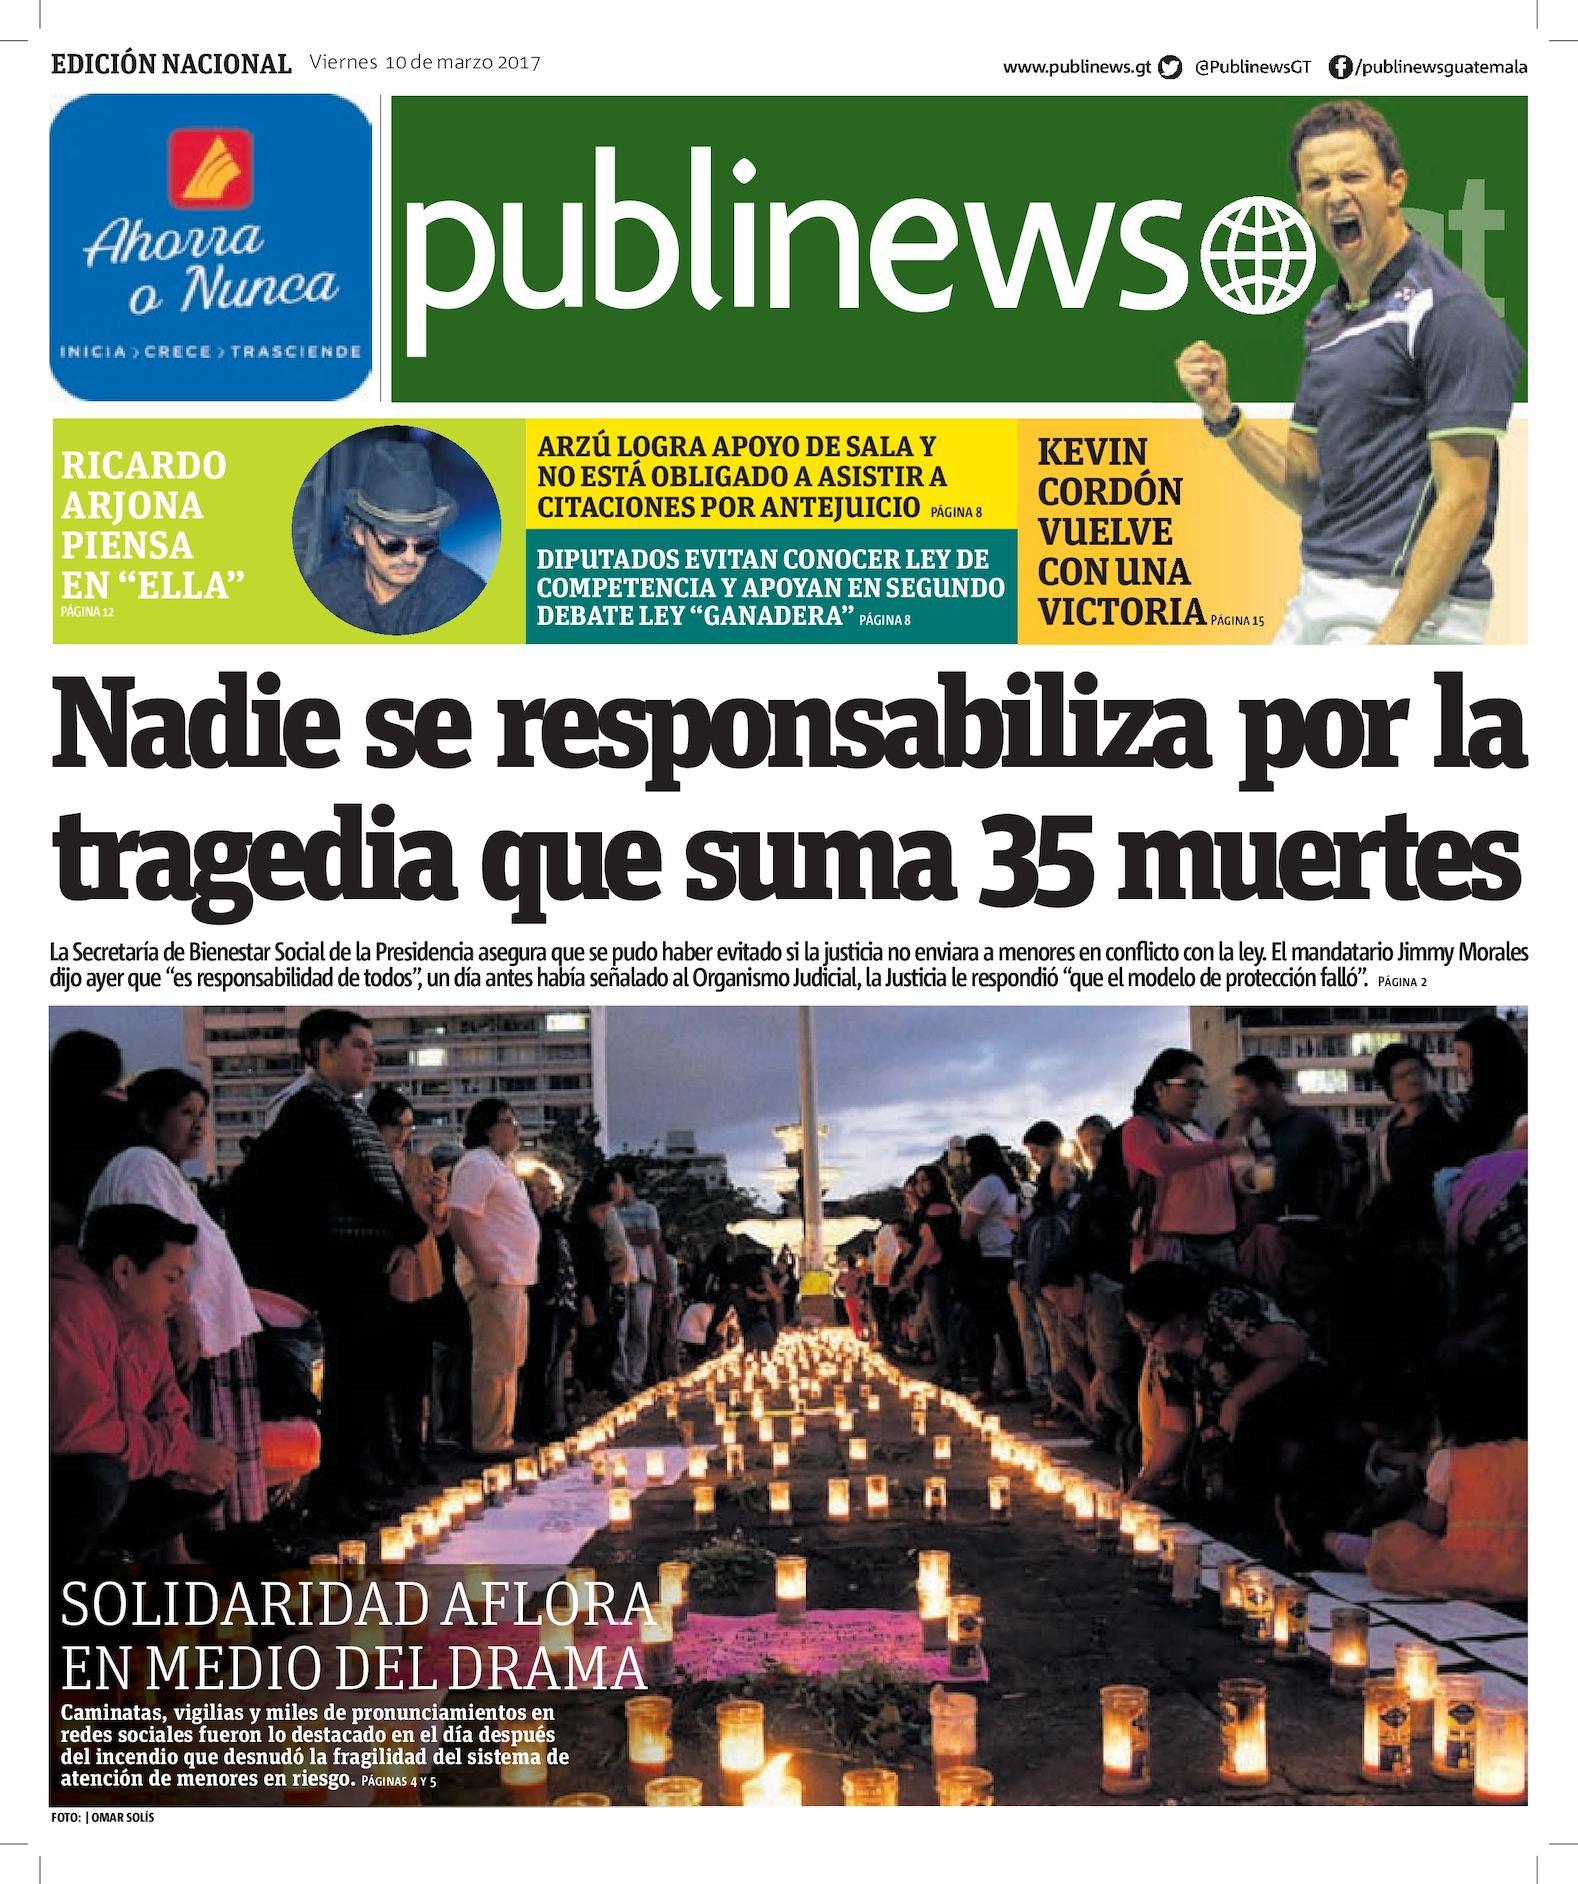 GUATEMALA CITY 10032017